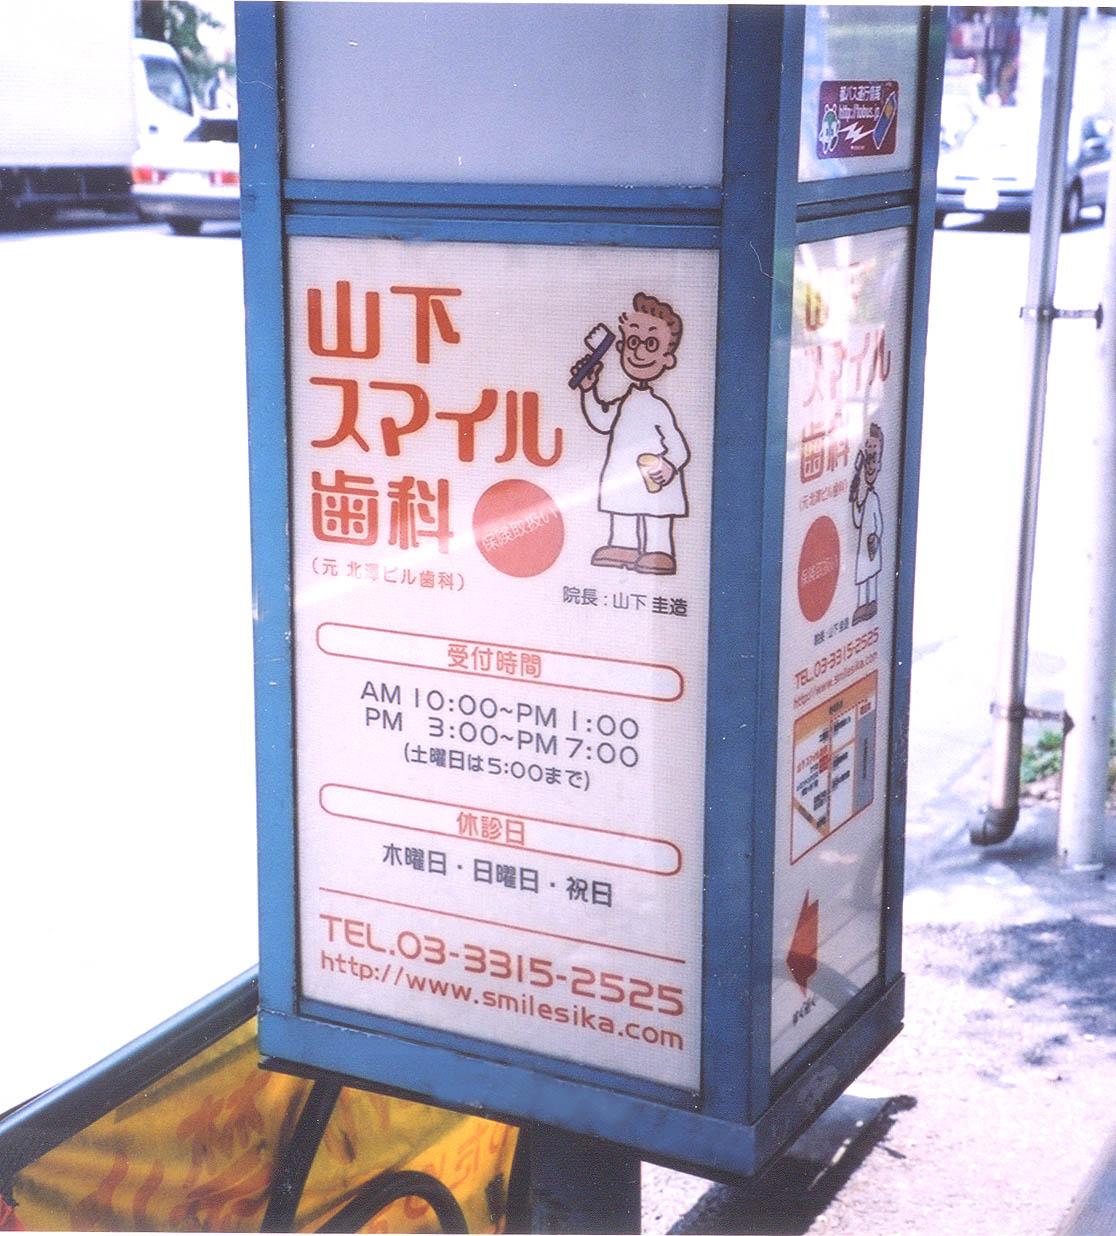 ブランディング バス停広告デザイン